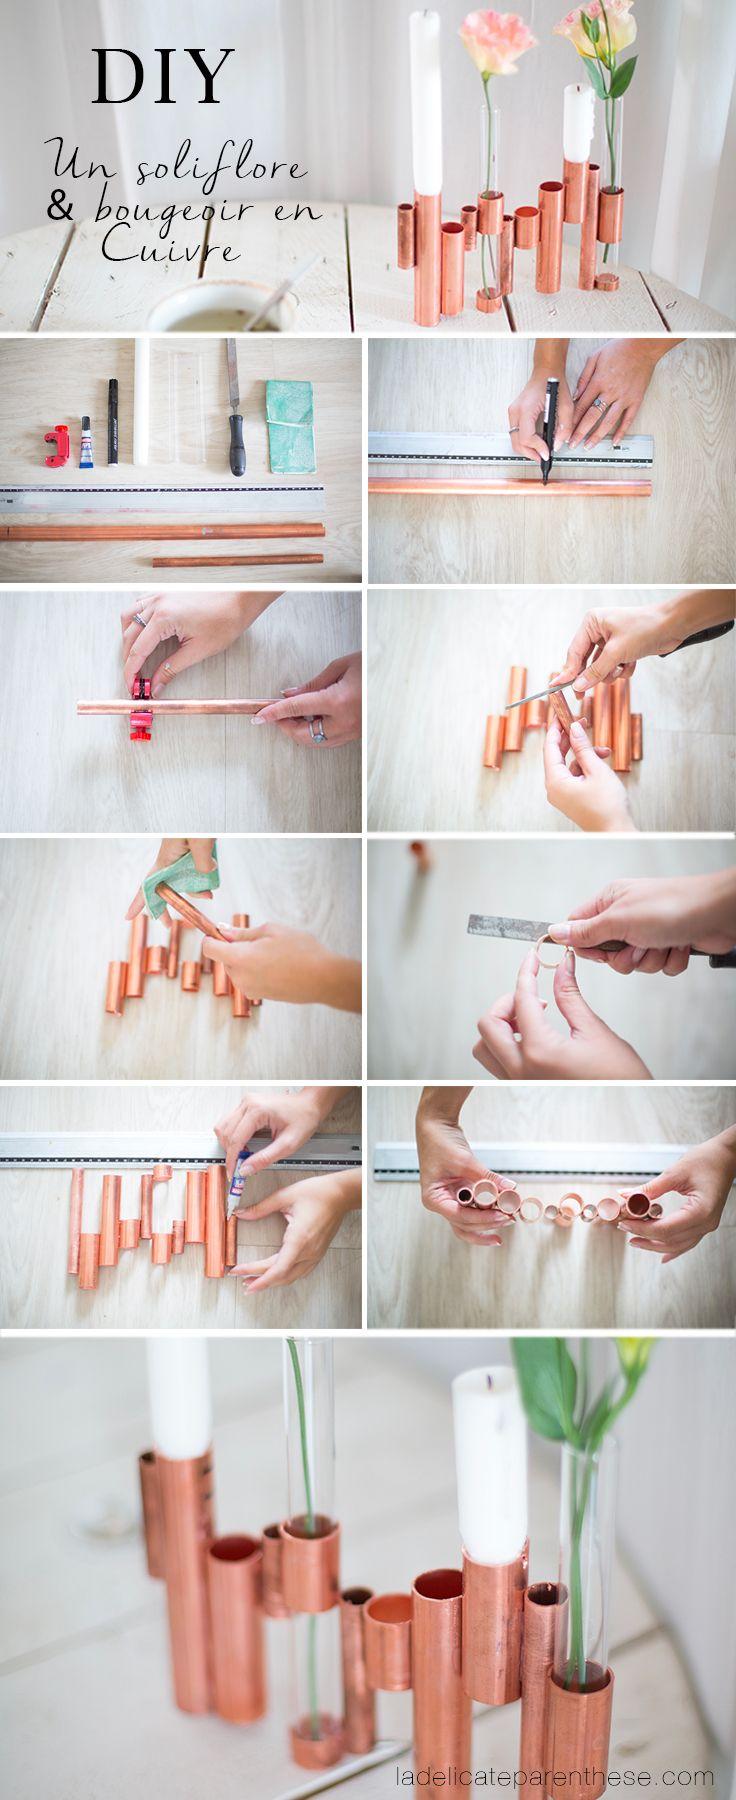 [ DIY ] Transformez des tubes de cuivre en soliflore bougeoir - La Délicate Parenthèse